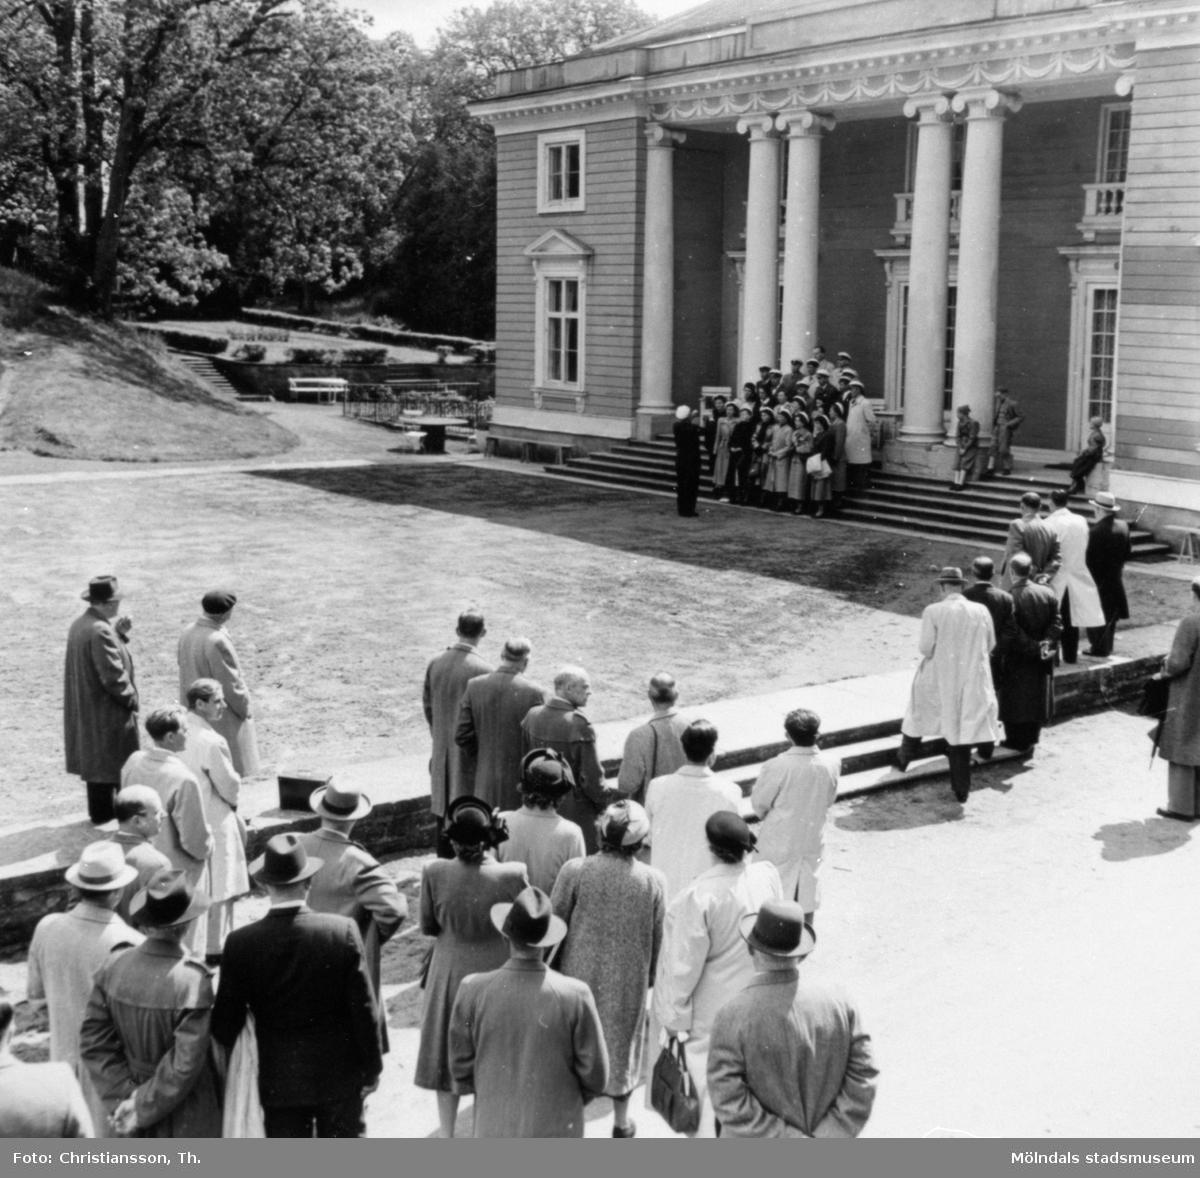 Studenter som sjunger på trappan till Gunnebo slott, 1950-tal.